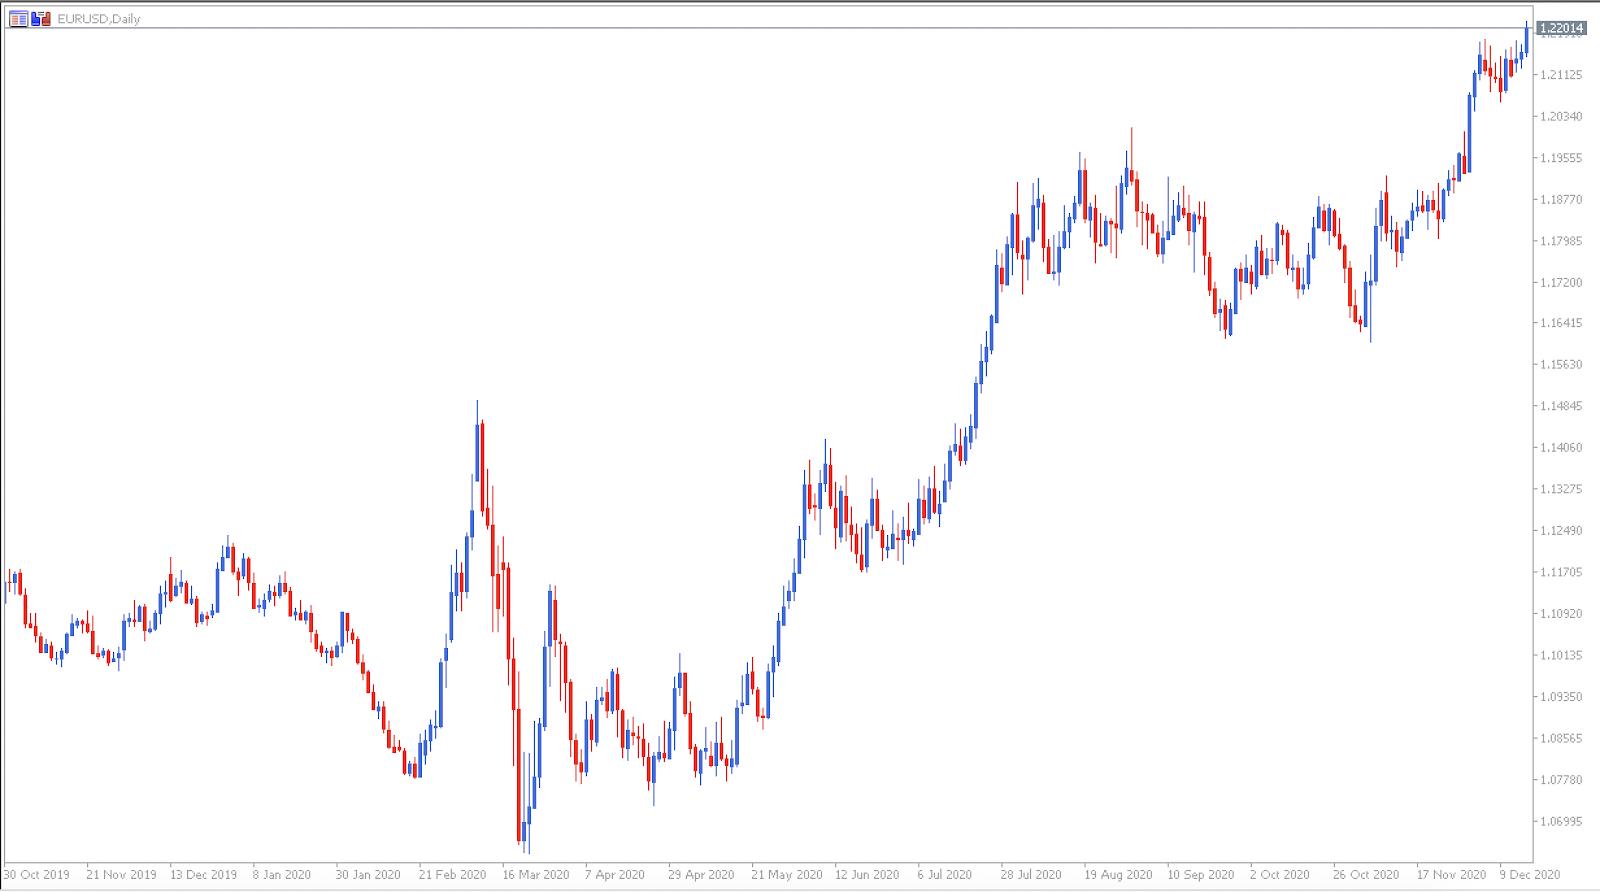 gráfico de preços eurusd a 16 de dezembro - Admiral Markets